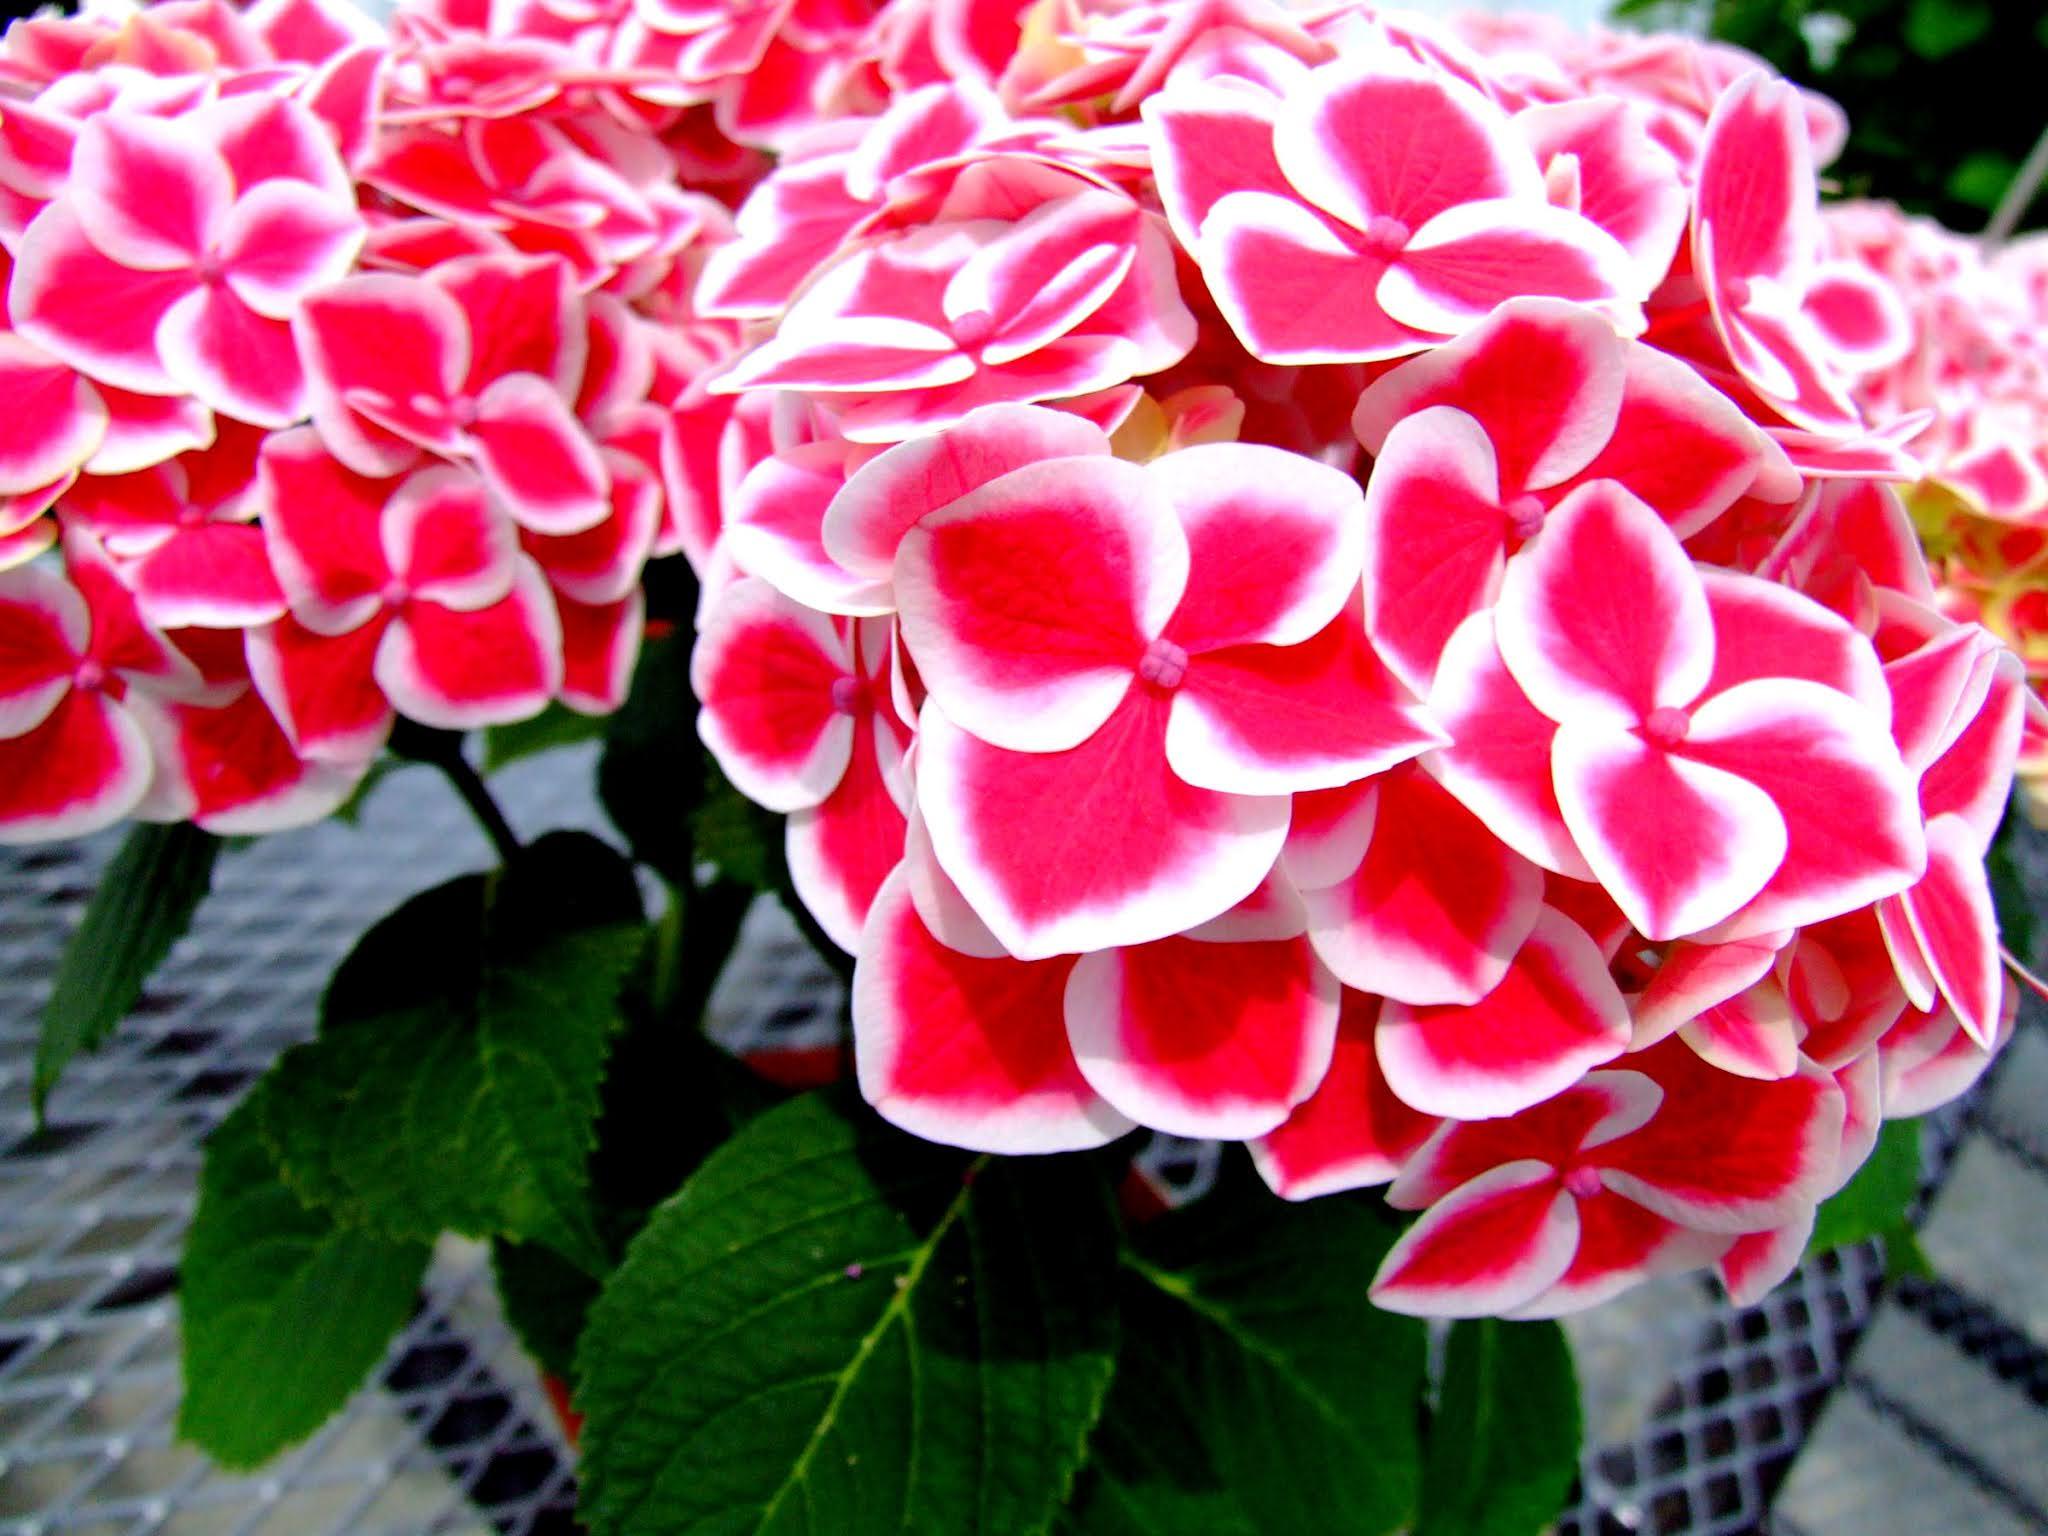 濃いピンクと白い縁がとてもかわいいアジサイの写真素材です。梅雨の時期のブログなどを彩る素材としていかがでしょう。